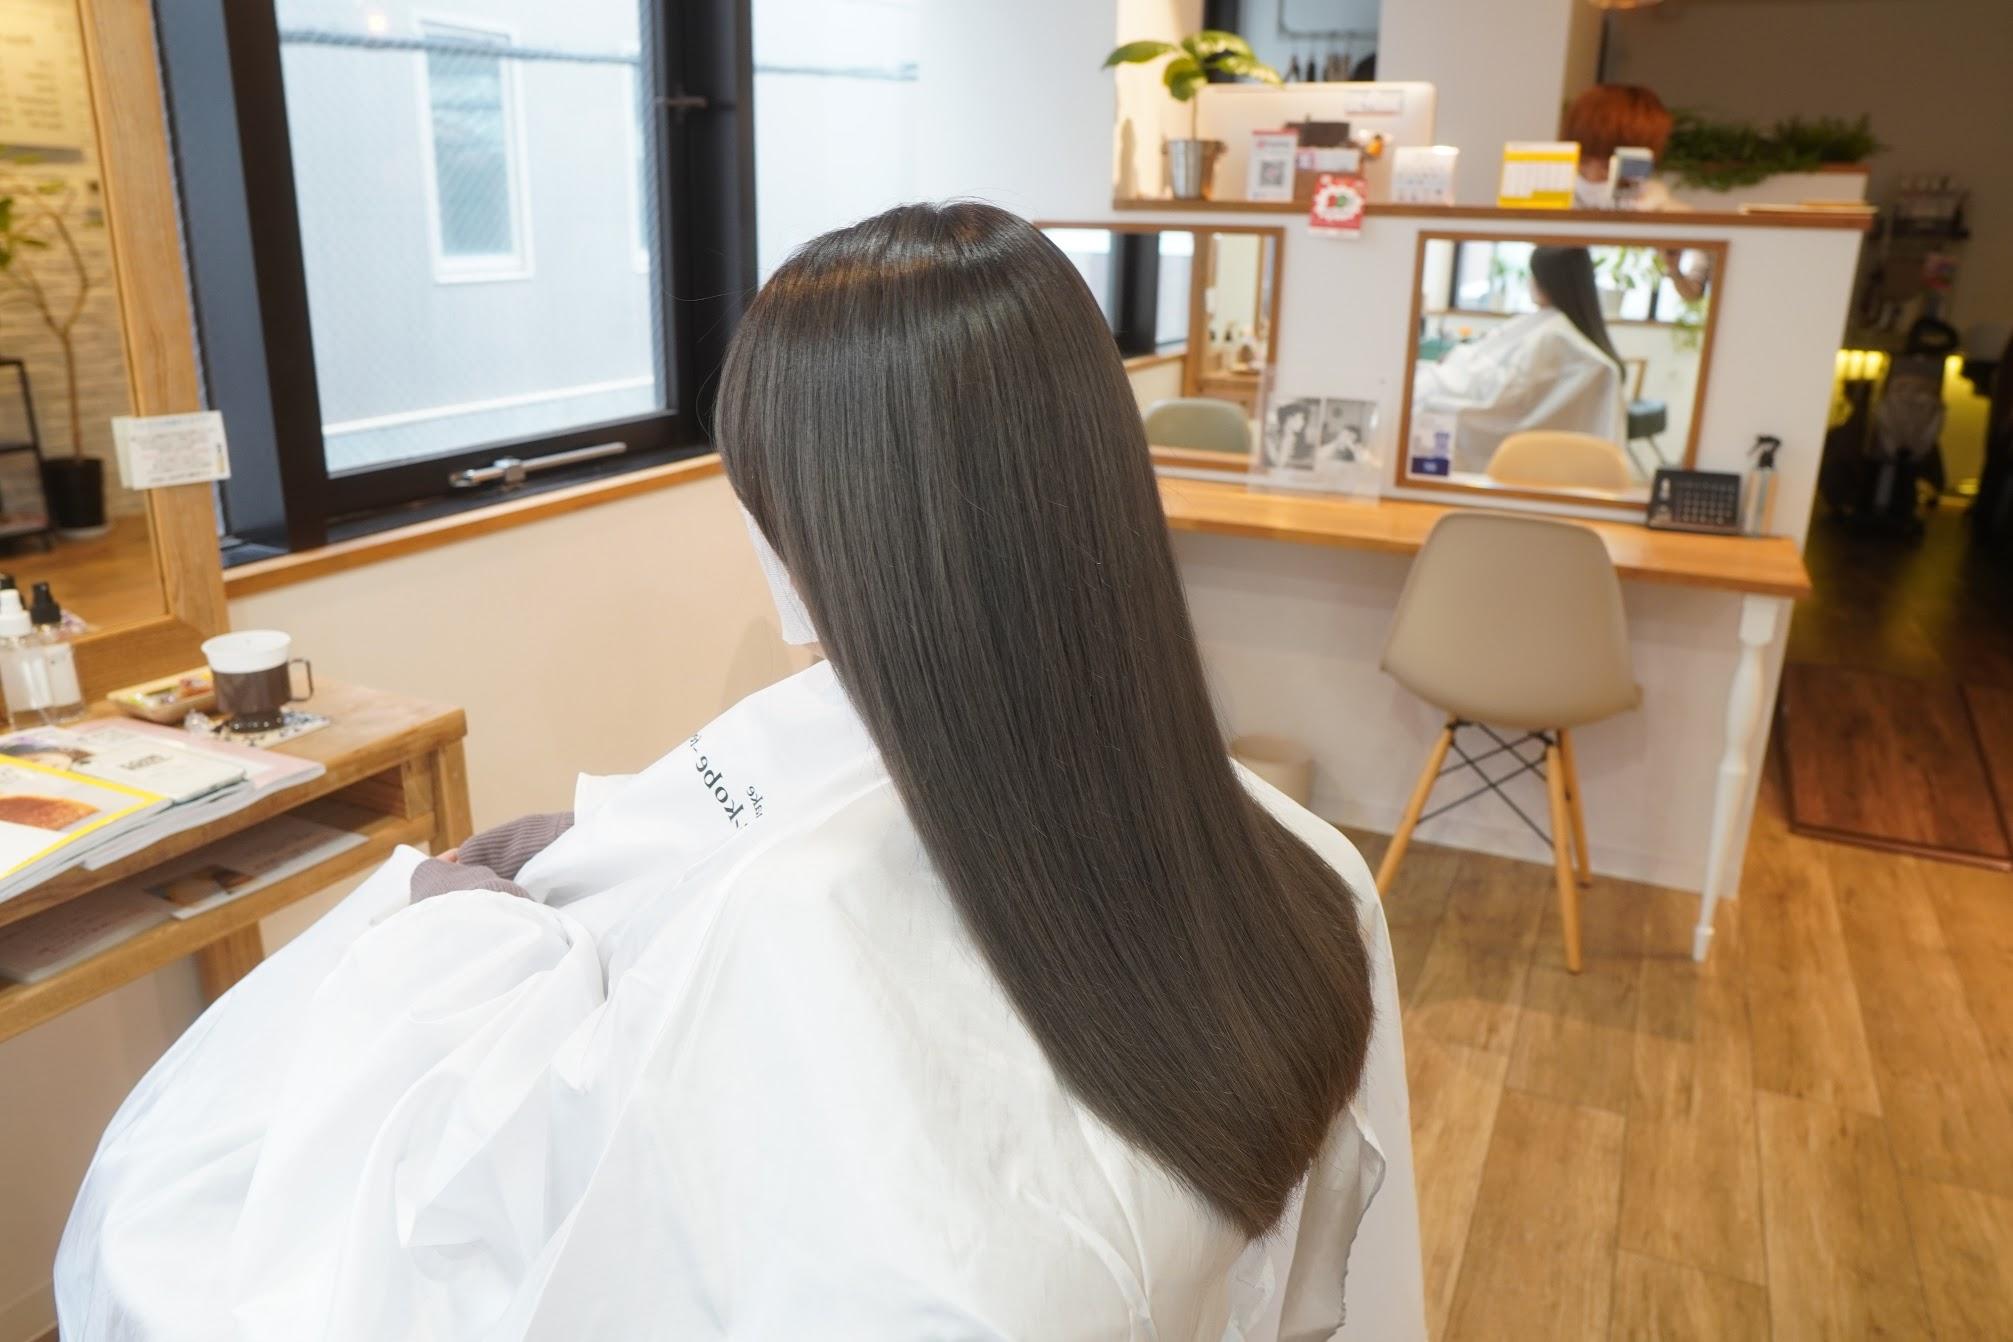 三宮美容室 神戸美容室 推しカラー シルバーカラー アディクシーカラーシルバー ブリーチ2回 水素トリートメント ウルトワトリートメント ウルトワ